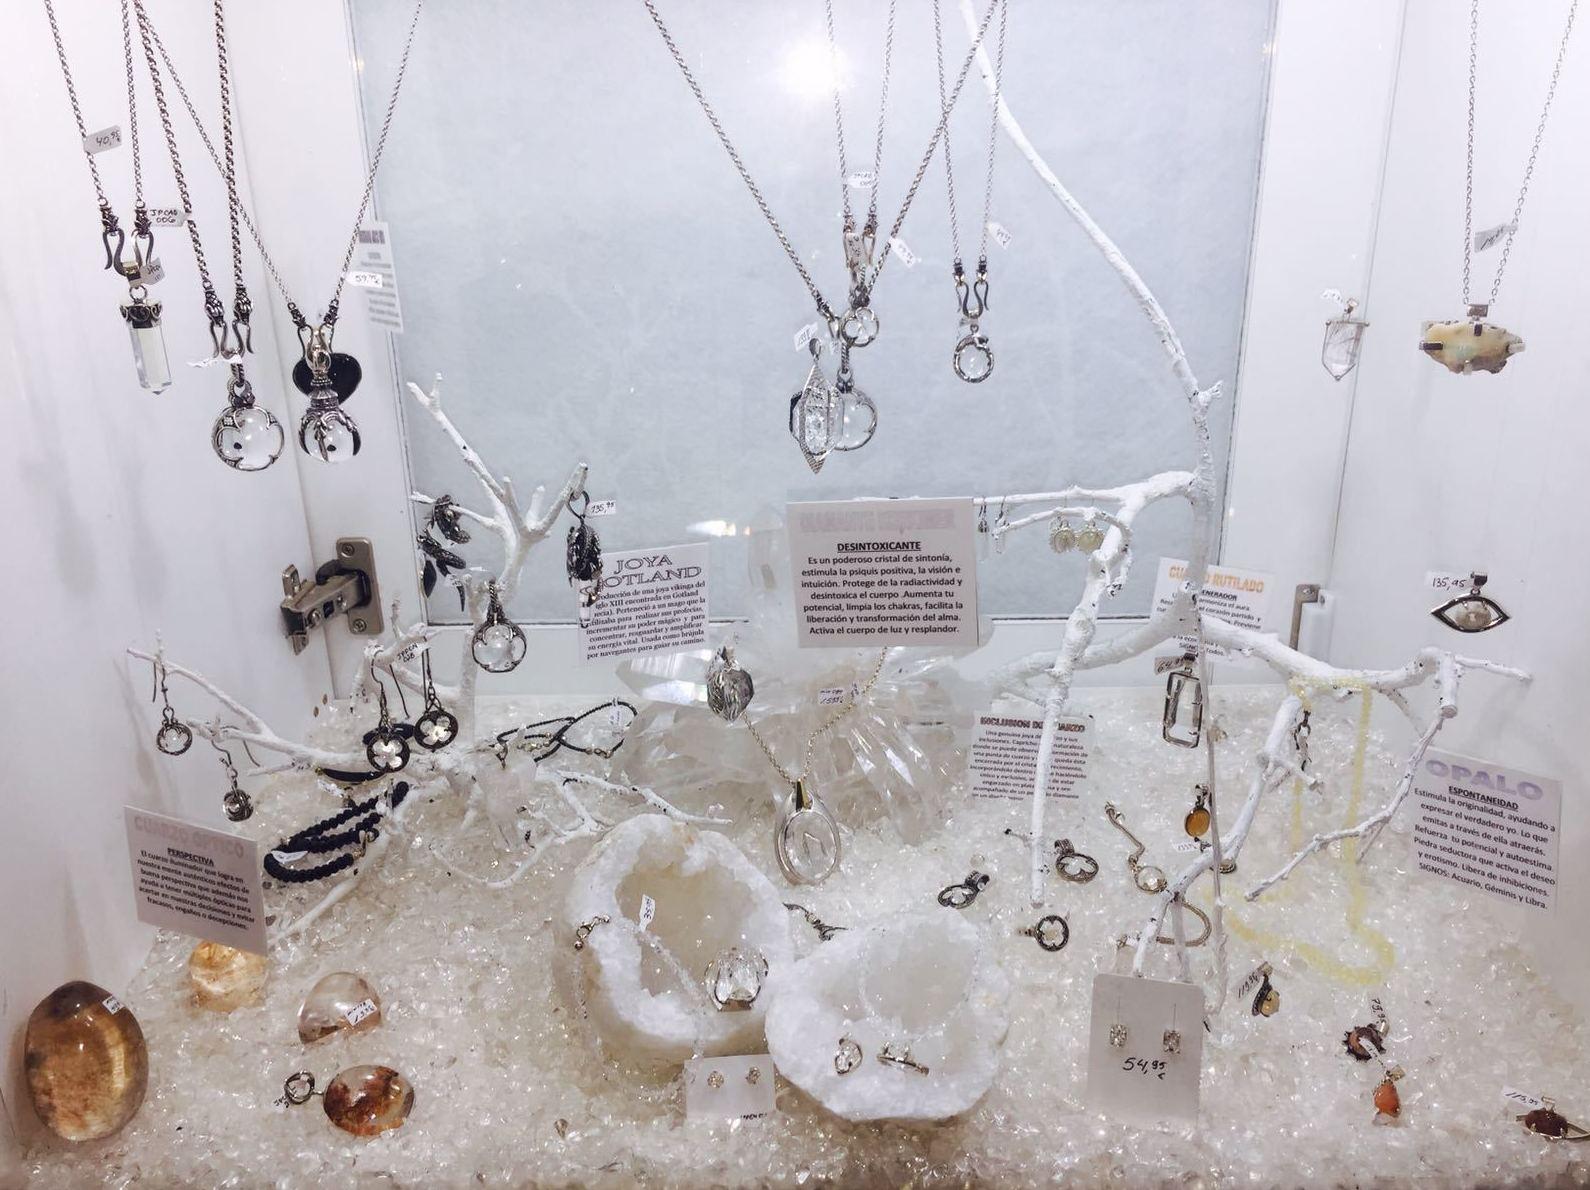 Cuarzo óptico, diamante herkimer, ópalo, cuarzo rutilado y joya gotland. El poder de los minerales hechos joya